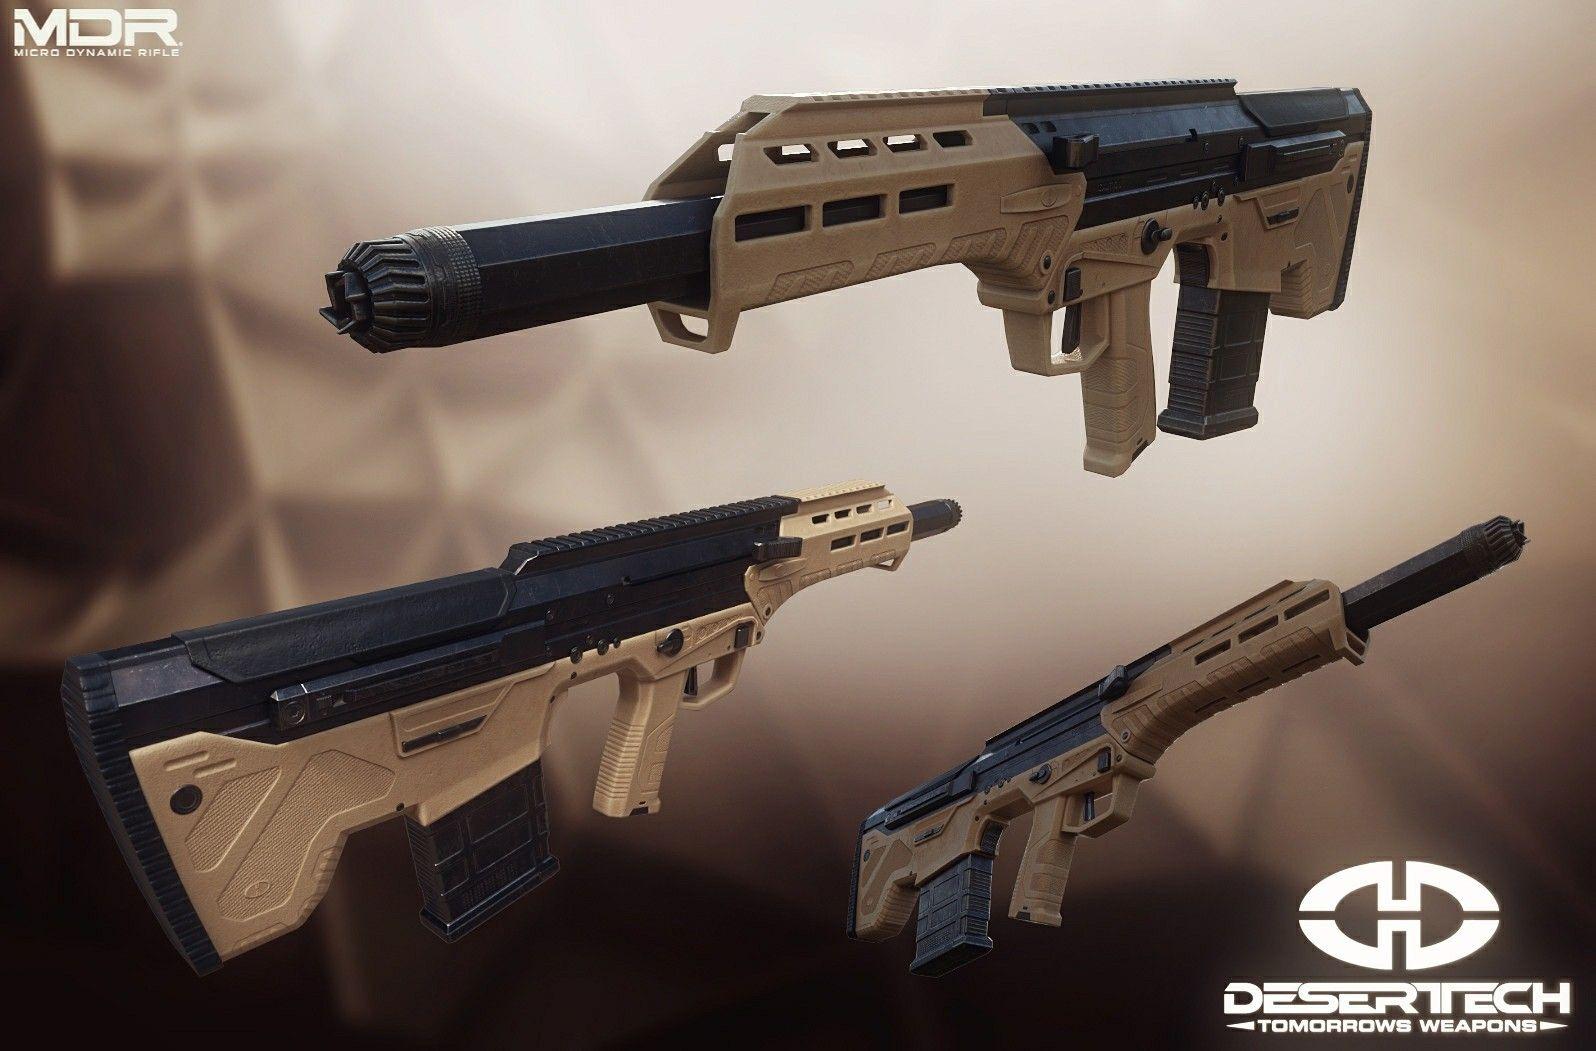 MDR Desert Tech bullpup 3d by Enjoy3D Оружие